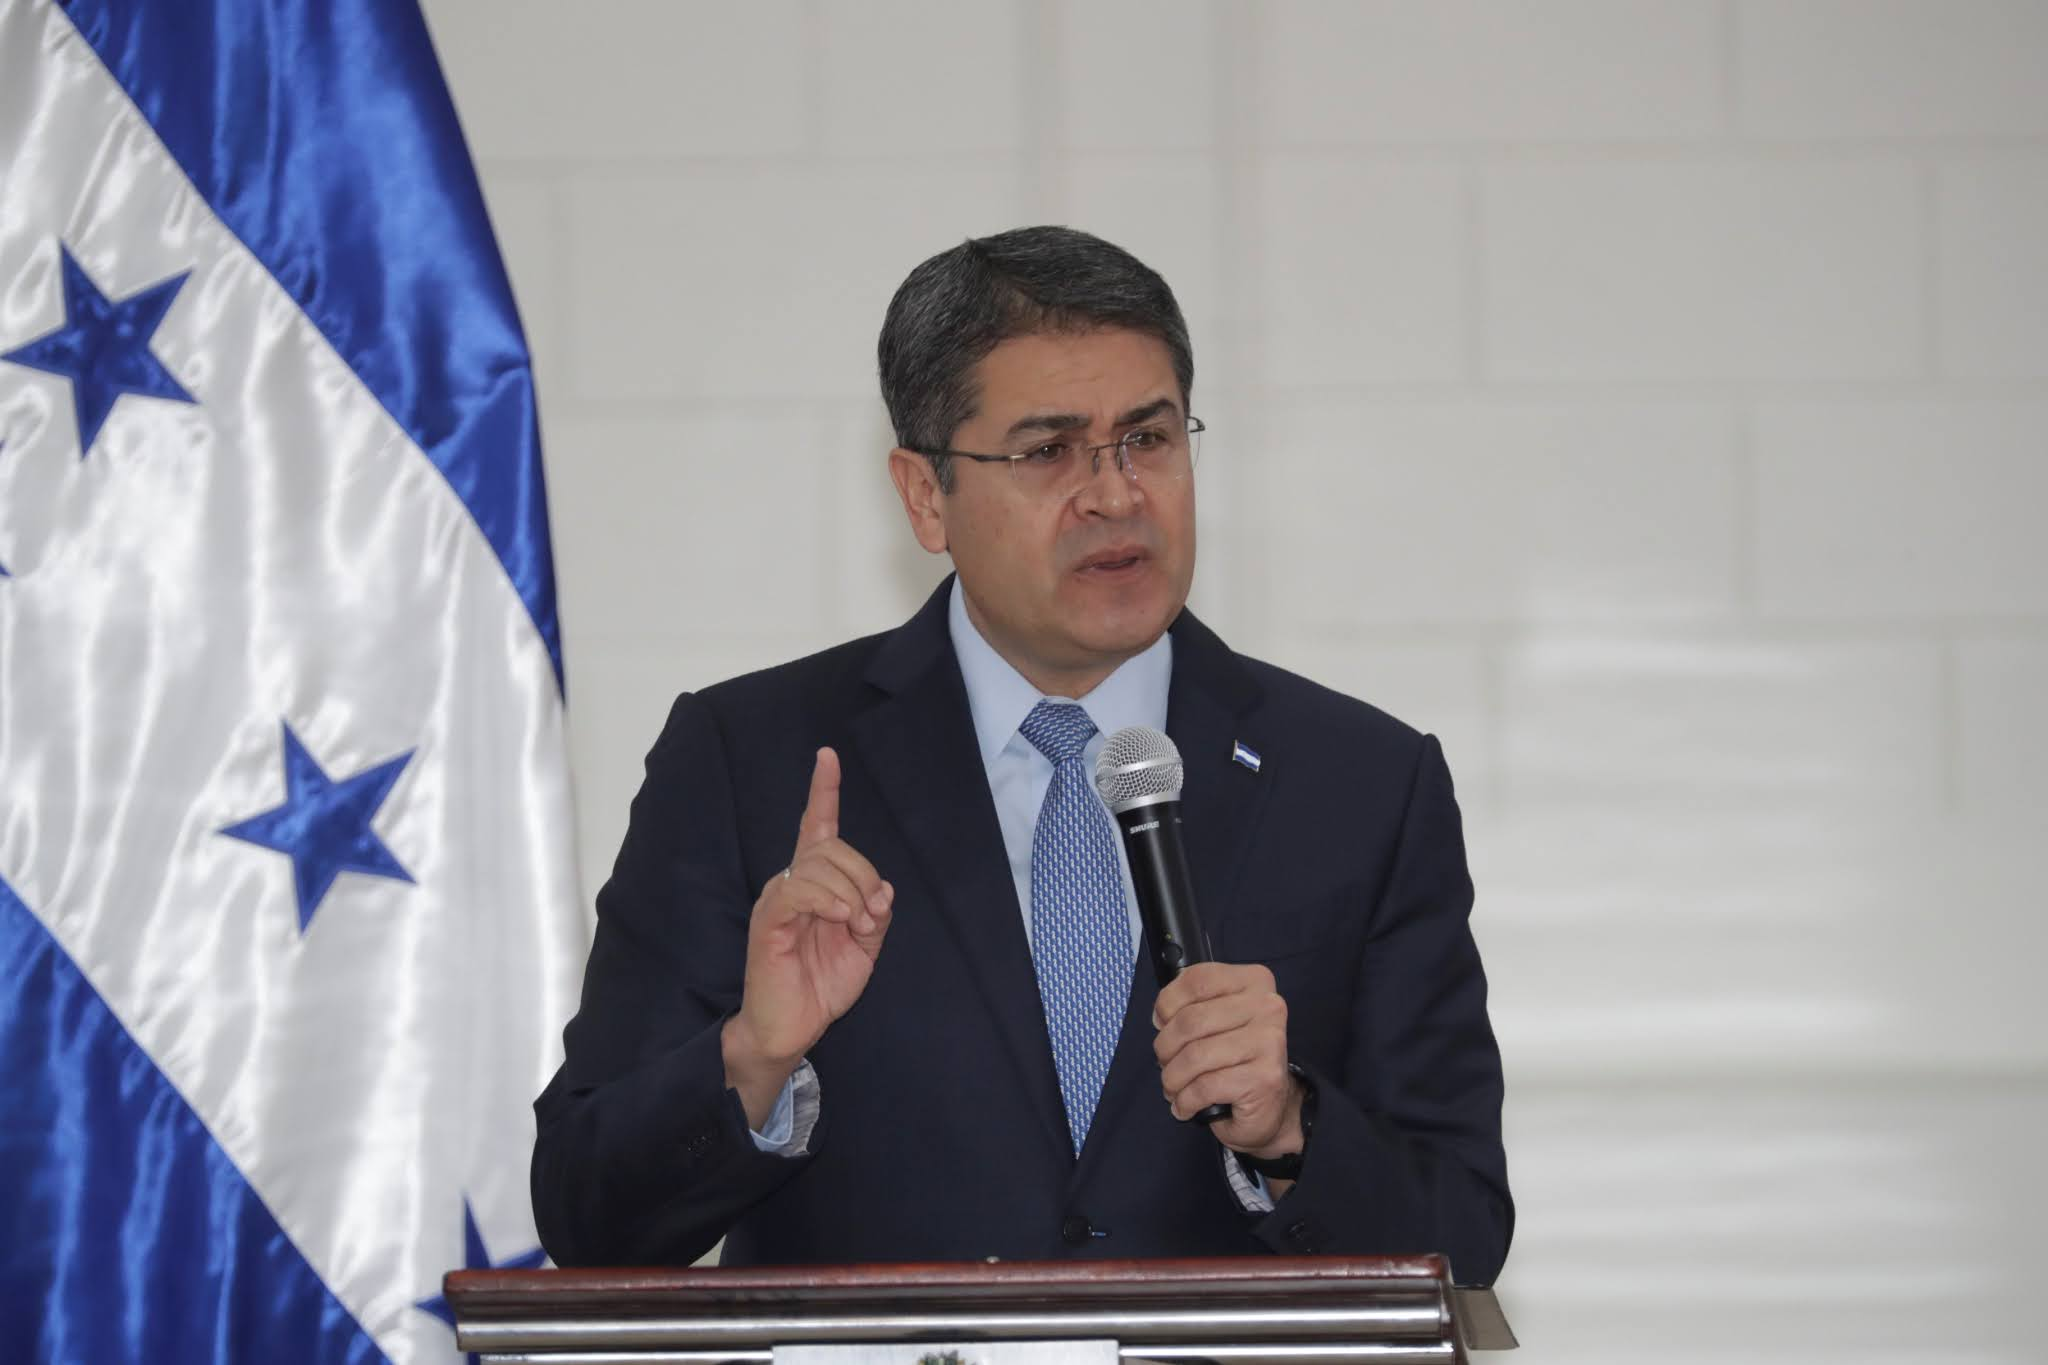 Acusan al presidente de Honduras de ayudar a un narco a traficar toneladas de cocaína a Estados Unidos